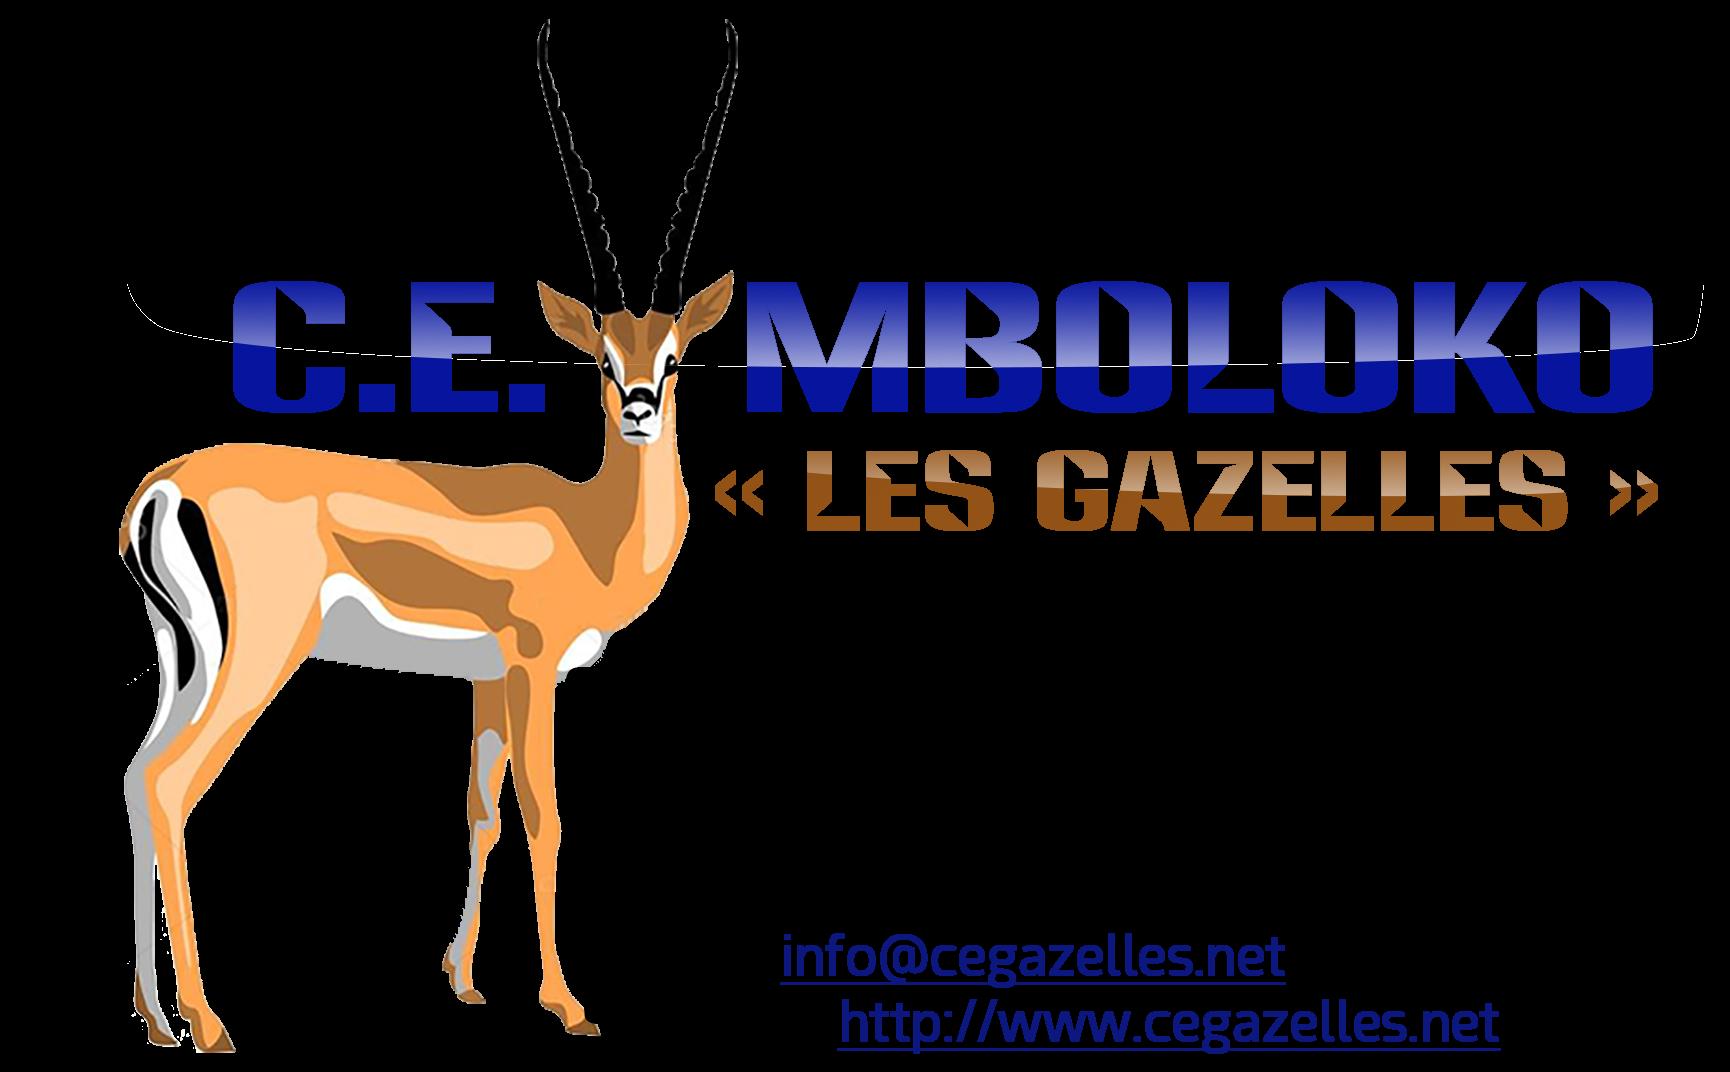 cegazelles.net